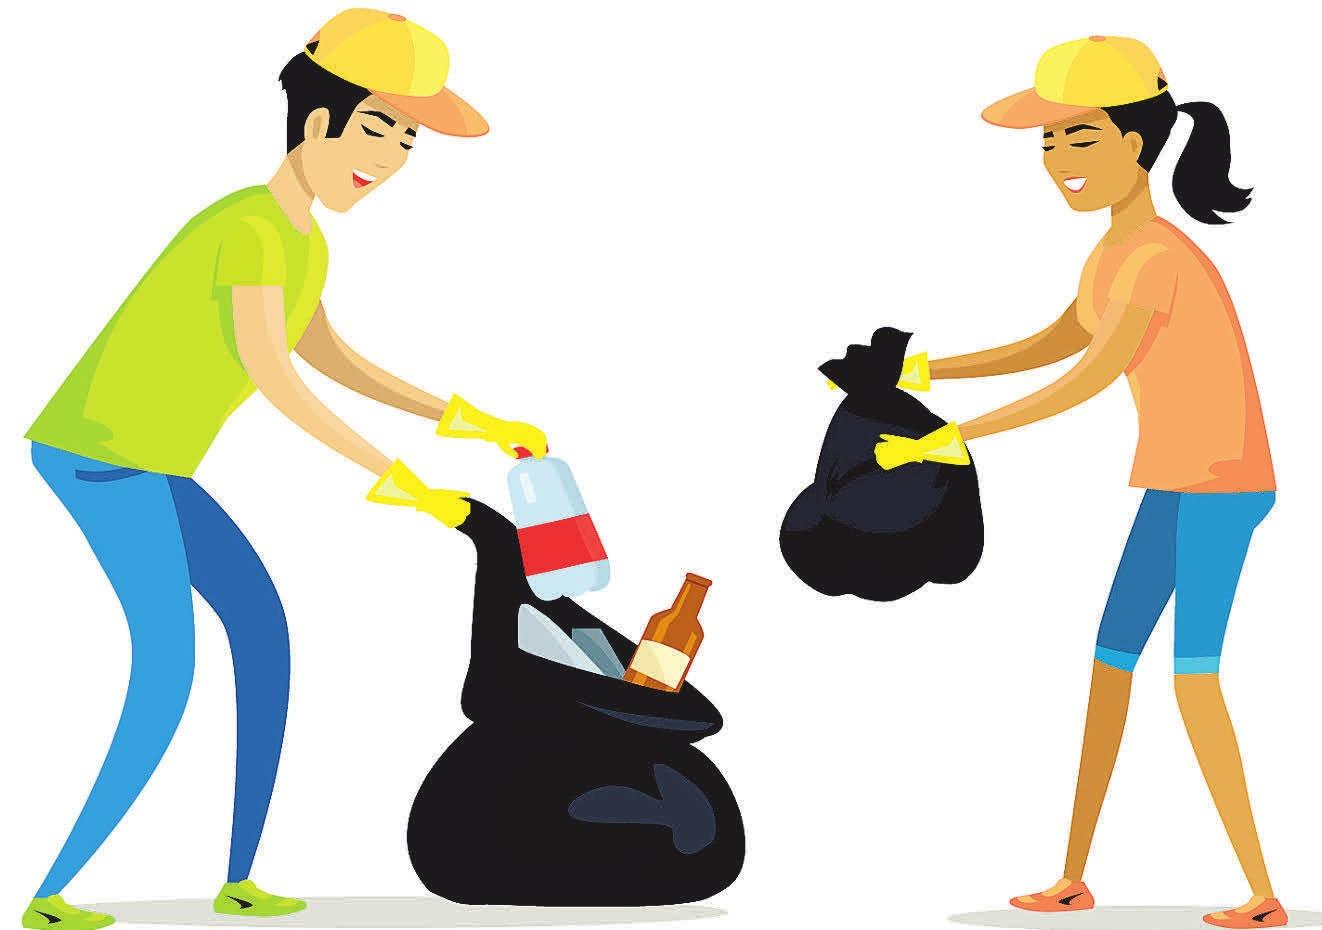 Eine saubere Umwelt ist vielen Menschen wichtig. Am 23.März besteht im Hochschulstadtteil die Möglichkeit, dazu einen Beitrag zu leisten.       Fotos: stock.adobe com